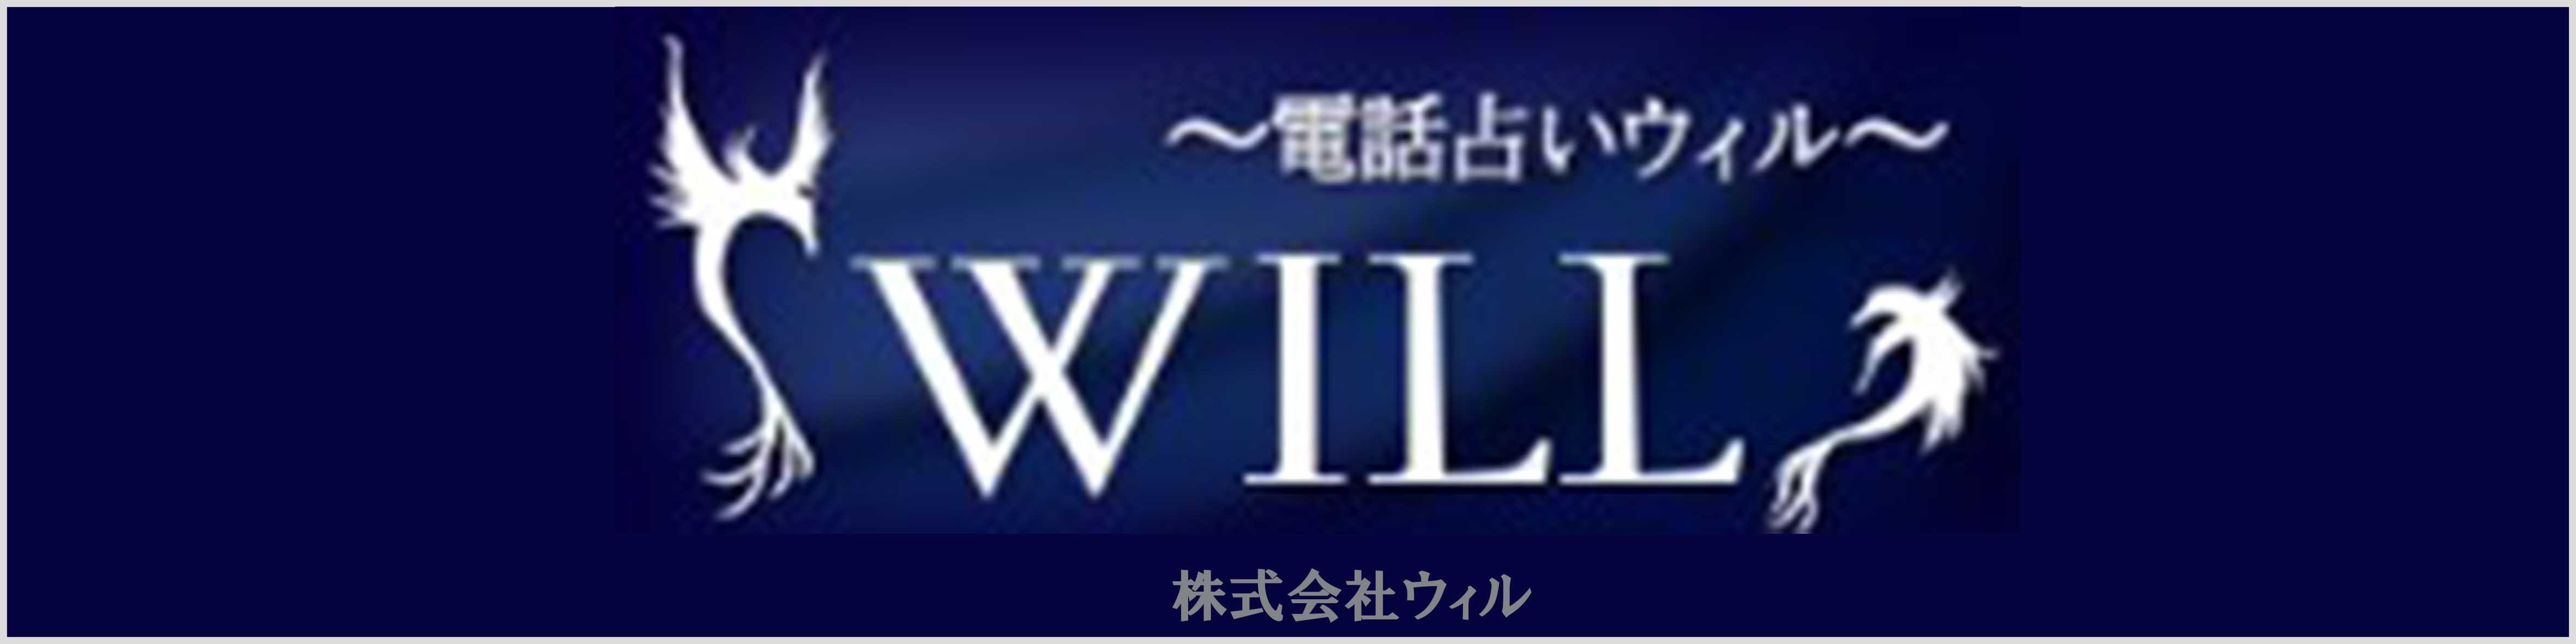 ウィルバナー